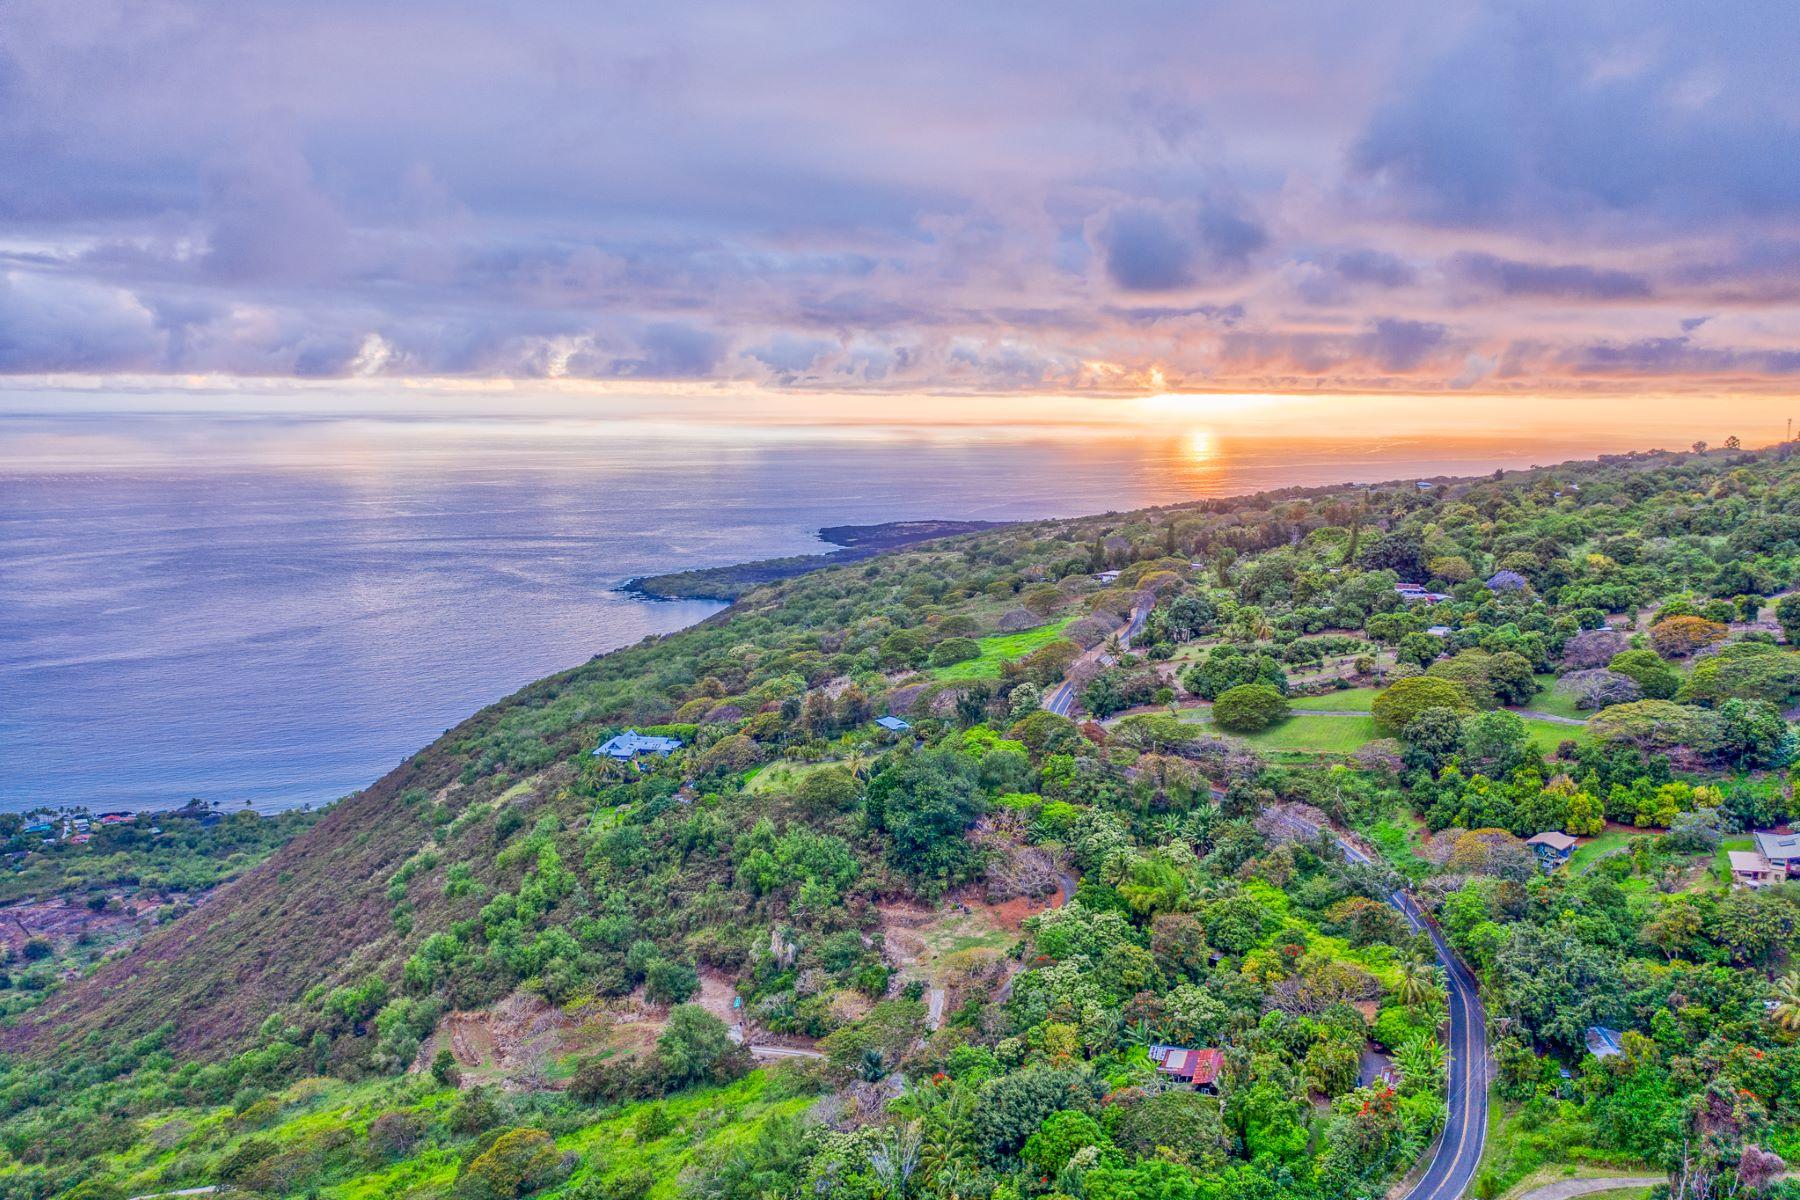 农场 / 牧场 / 种植园 为 销售 在 82-5989 Napoopoo Road, Captain Cook, HI 96704 82-5989 Napoopoo Road Captain Cook, 夏威夷 96704 美国